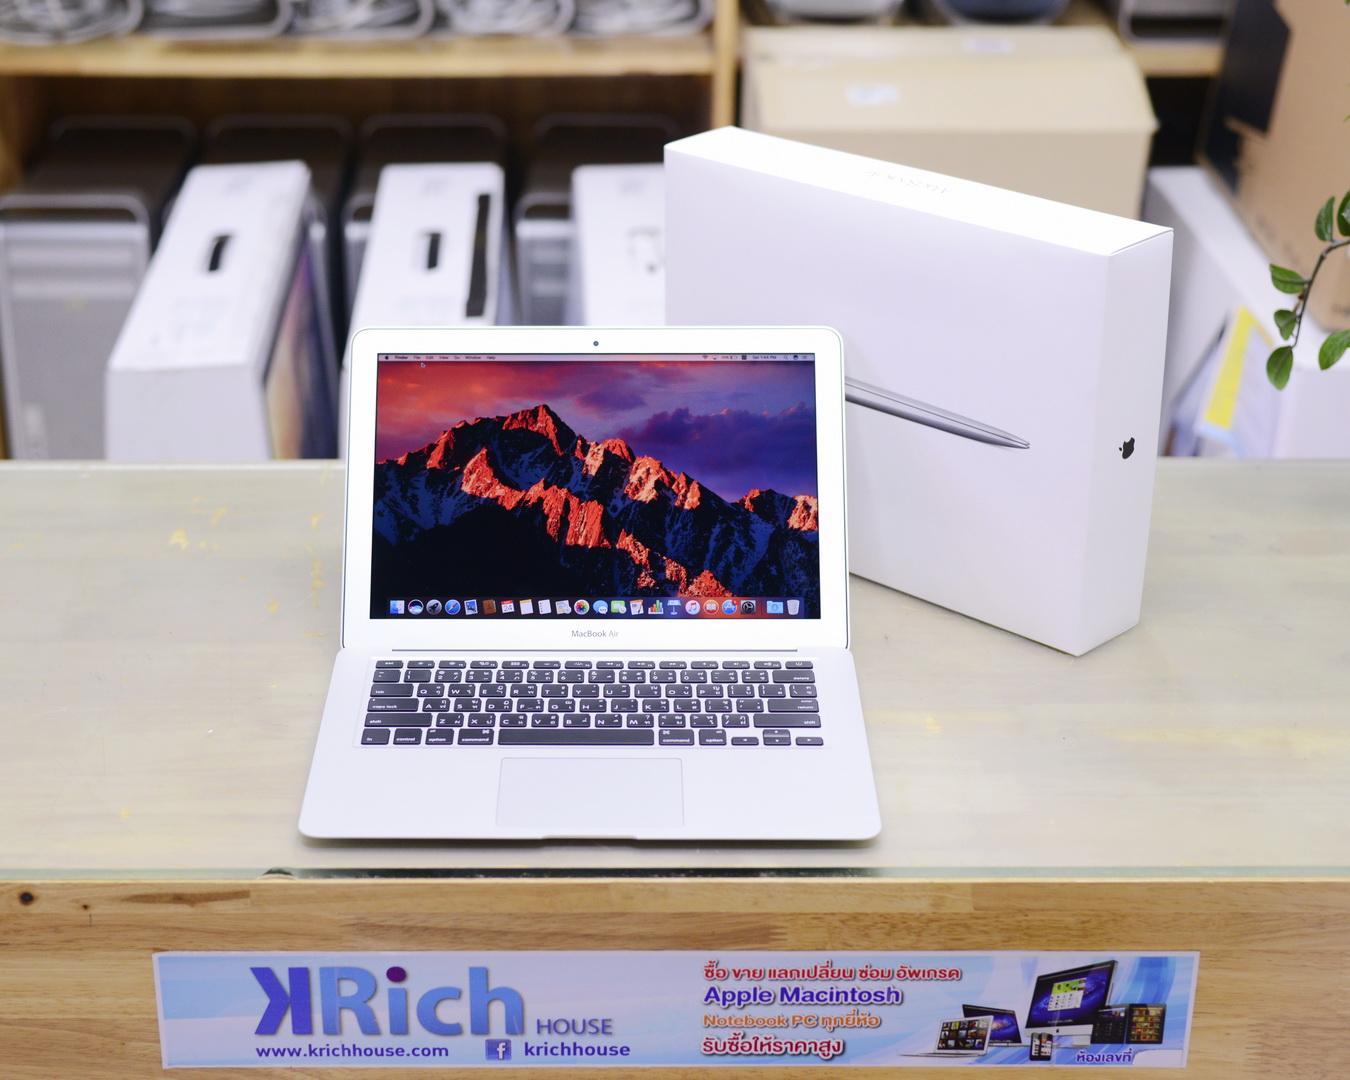 MacBook Air (13-inch, Mid 2017) - Core i5 1.8GHz RAM 8GB SSD 128GB Fullbox - Apple Warranty 13-12-2018